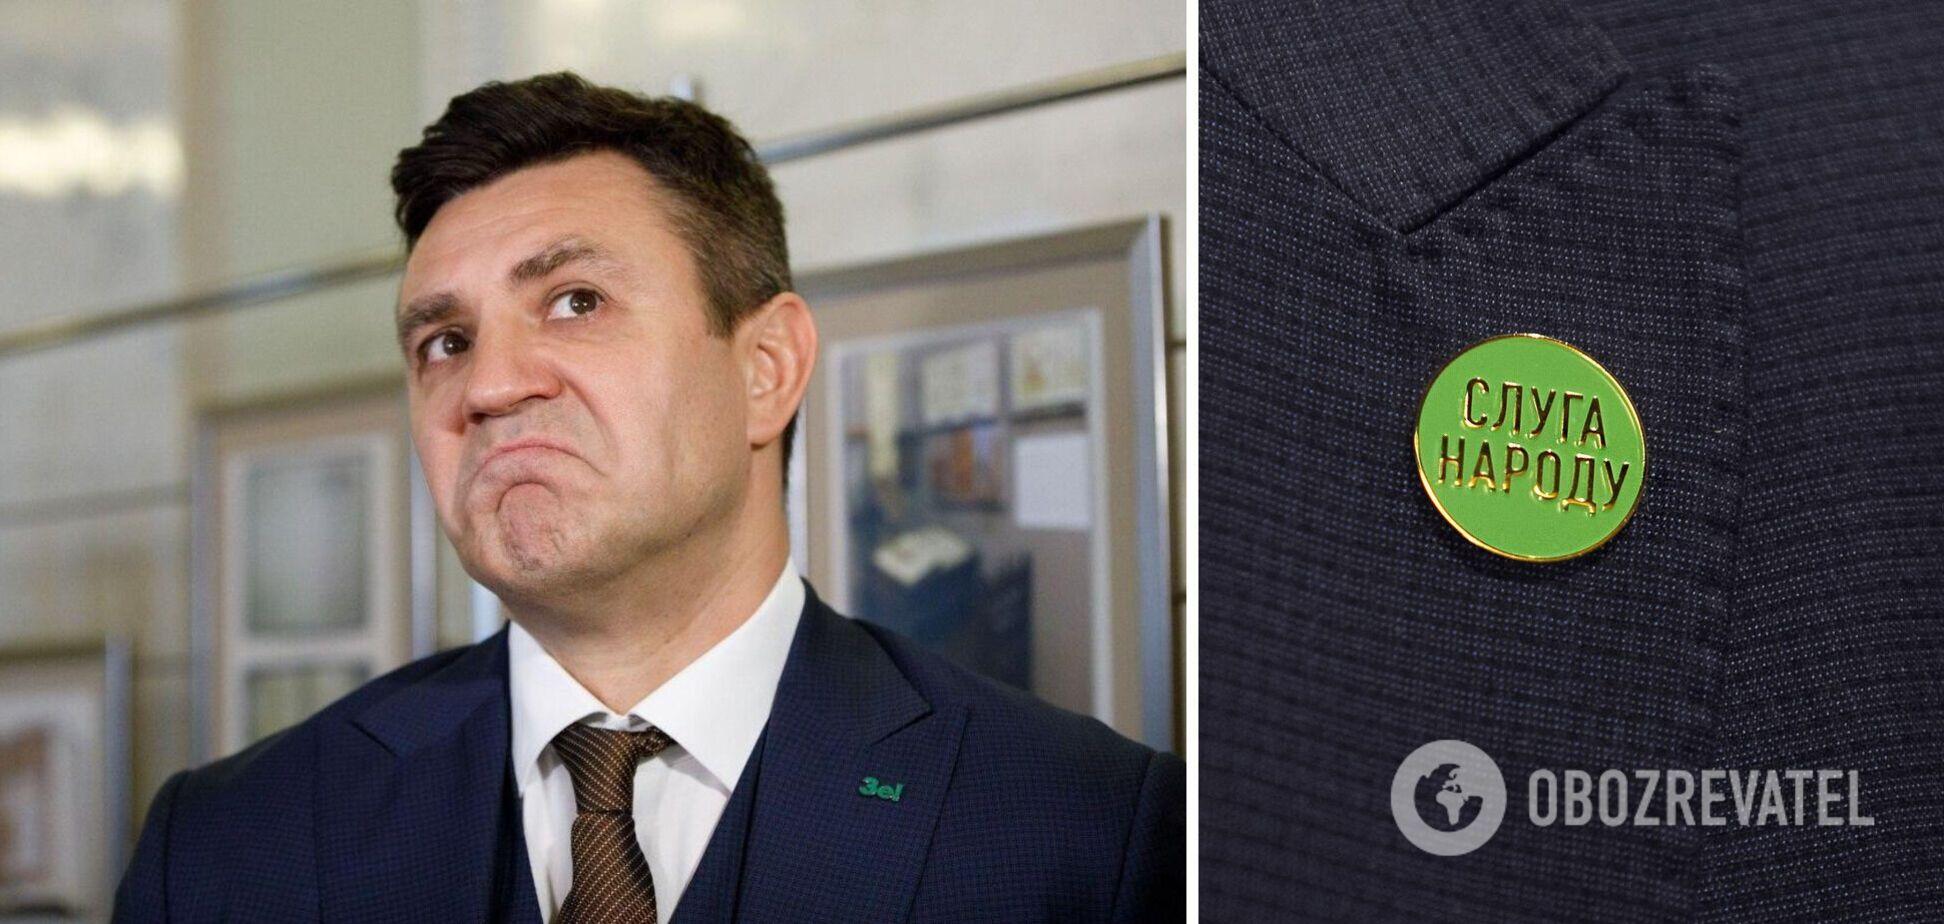 Тищенку знайшли нову посаду в партійній системі 'Слуги народу' – ЗМІ